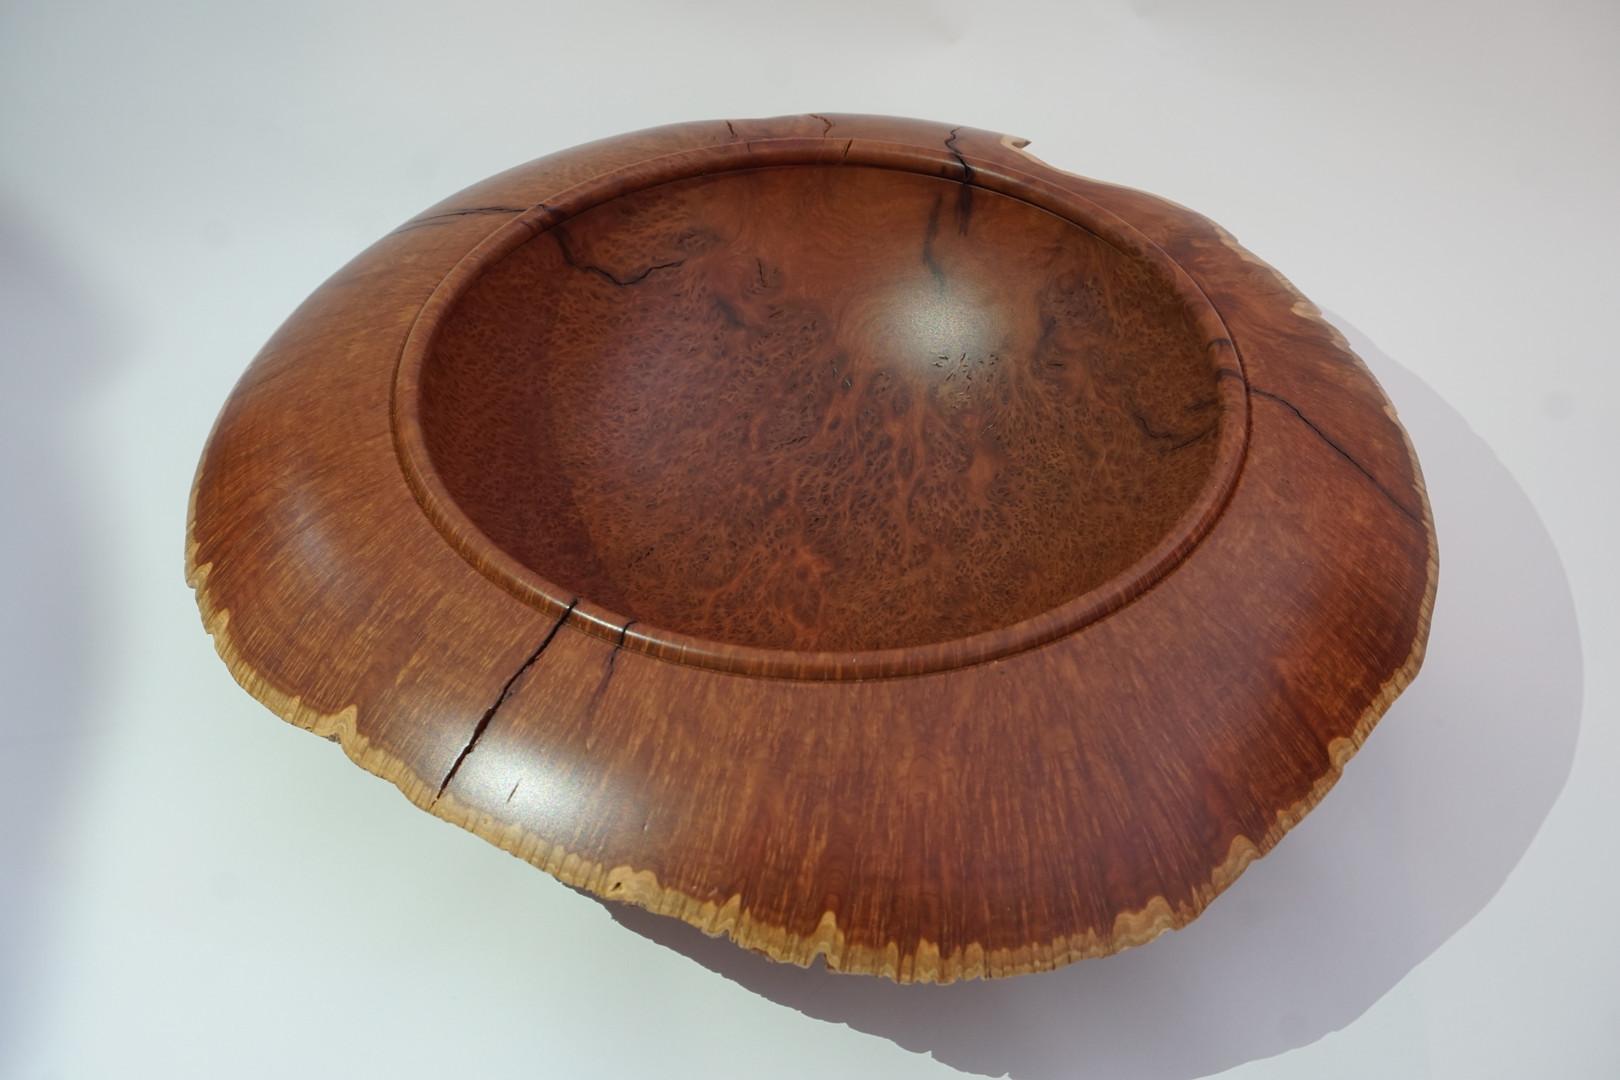 Coolibah burl bowl